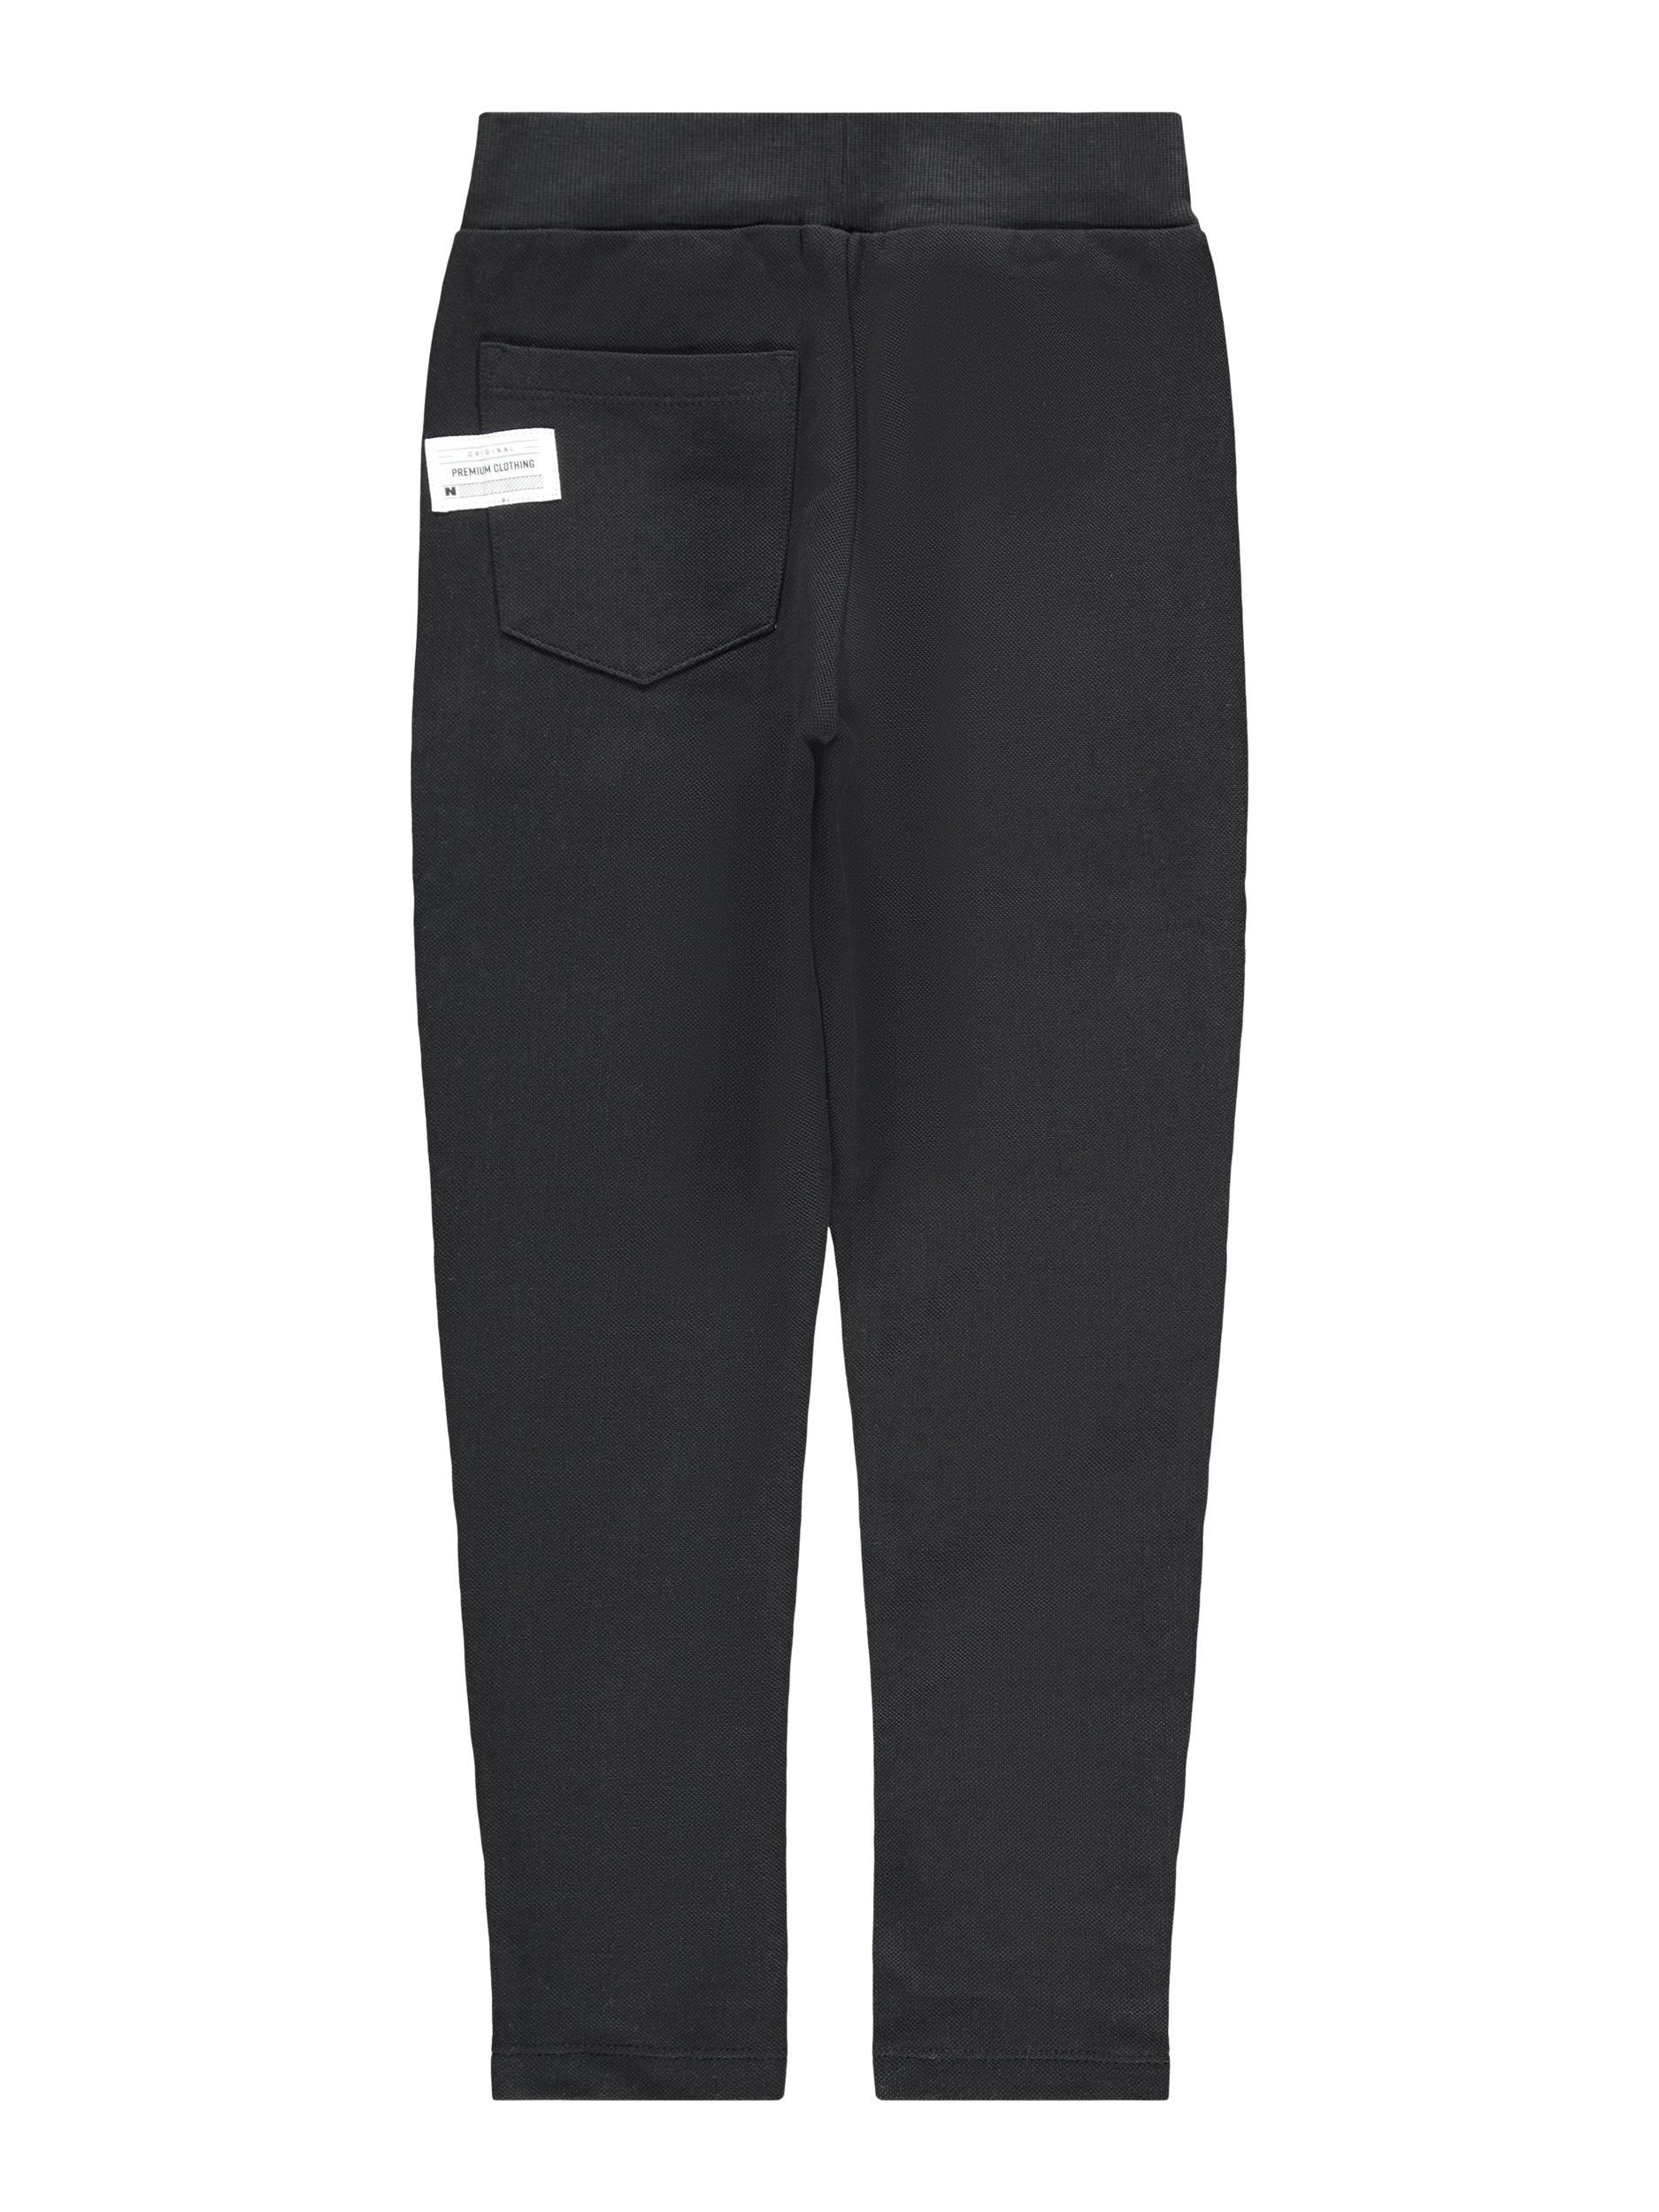 Name It Vasimo joggingbukser, black, 134